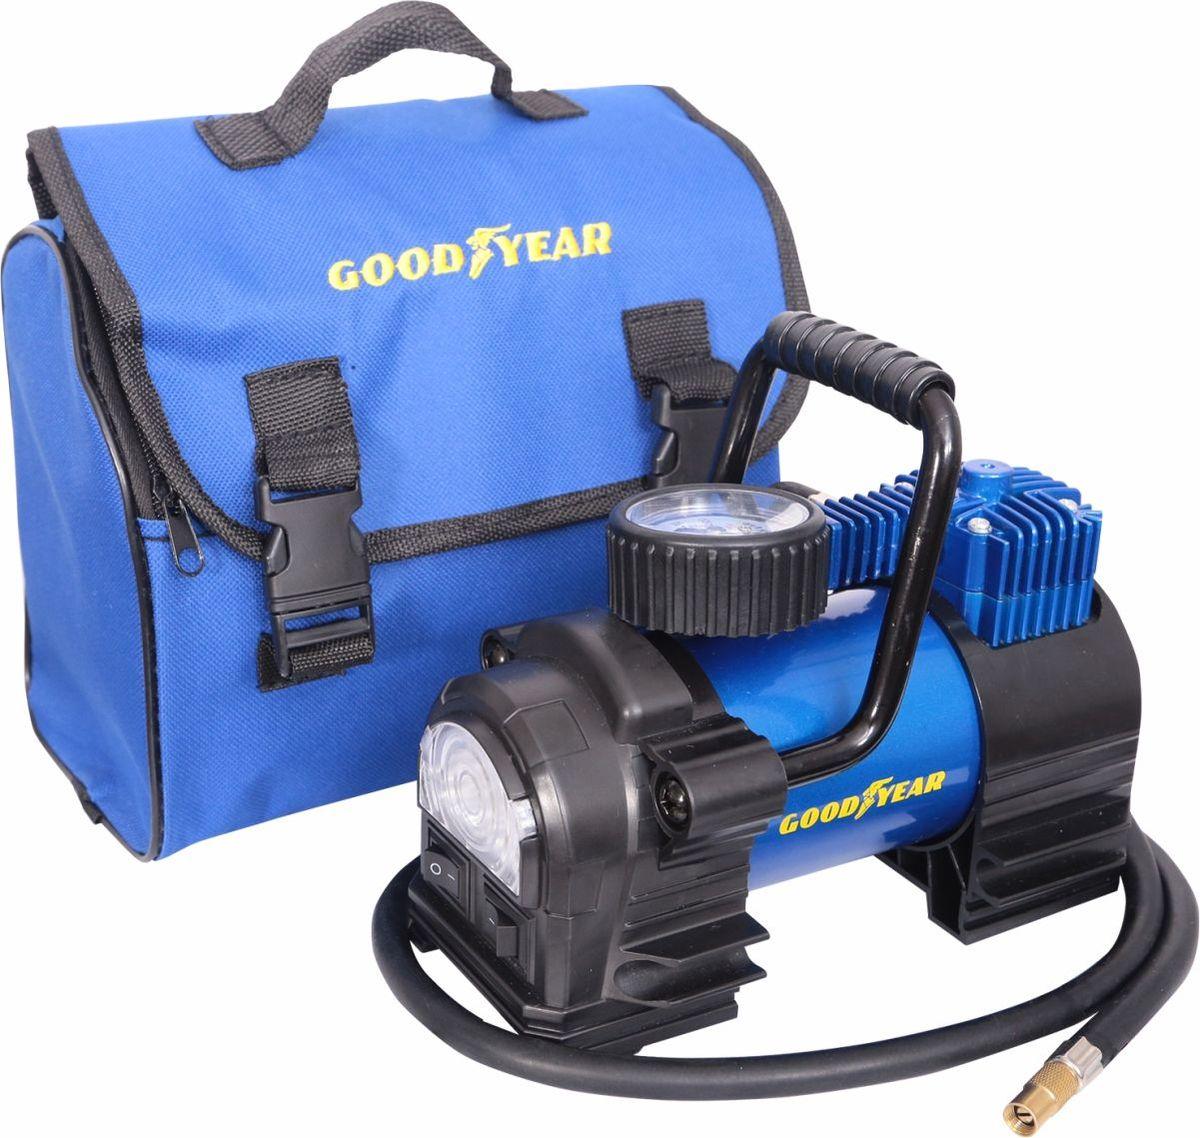 Компрессор автомобильный Goodyear, с фонарем и со съемной ручкой, 35 л/мин автомобильный компрессор autoluxe компрессор с фонарем мистраль серый черно серый